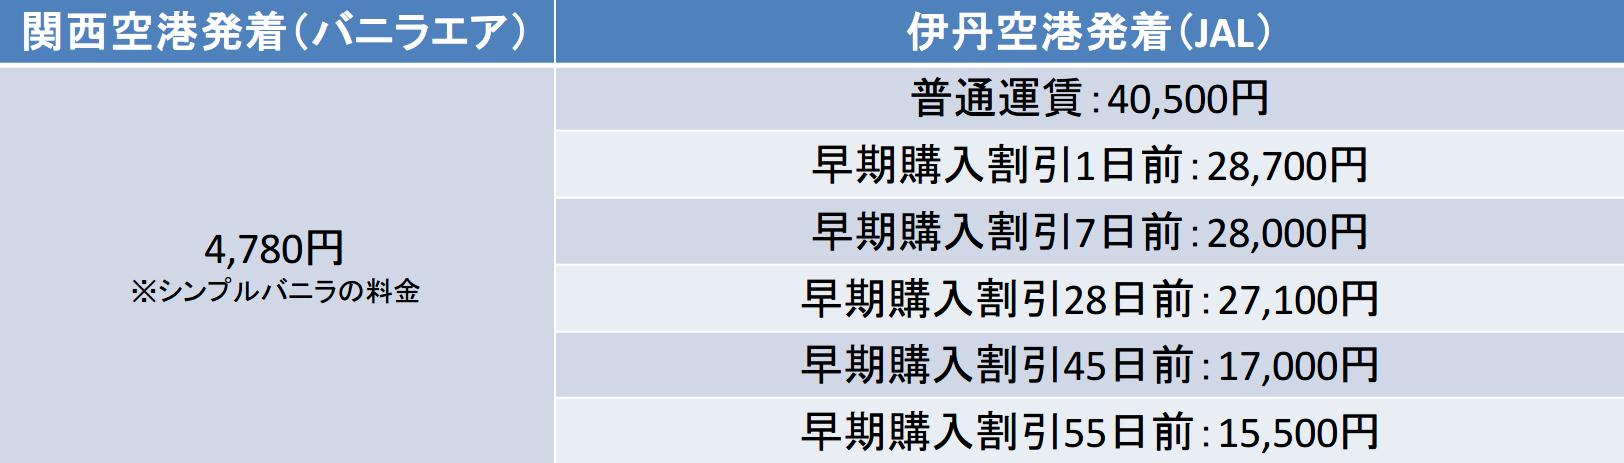 伊丹空港-奄美空港間と関西空港-奄美空港間のキャリア別運賃比較表